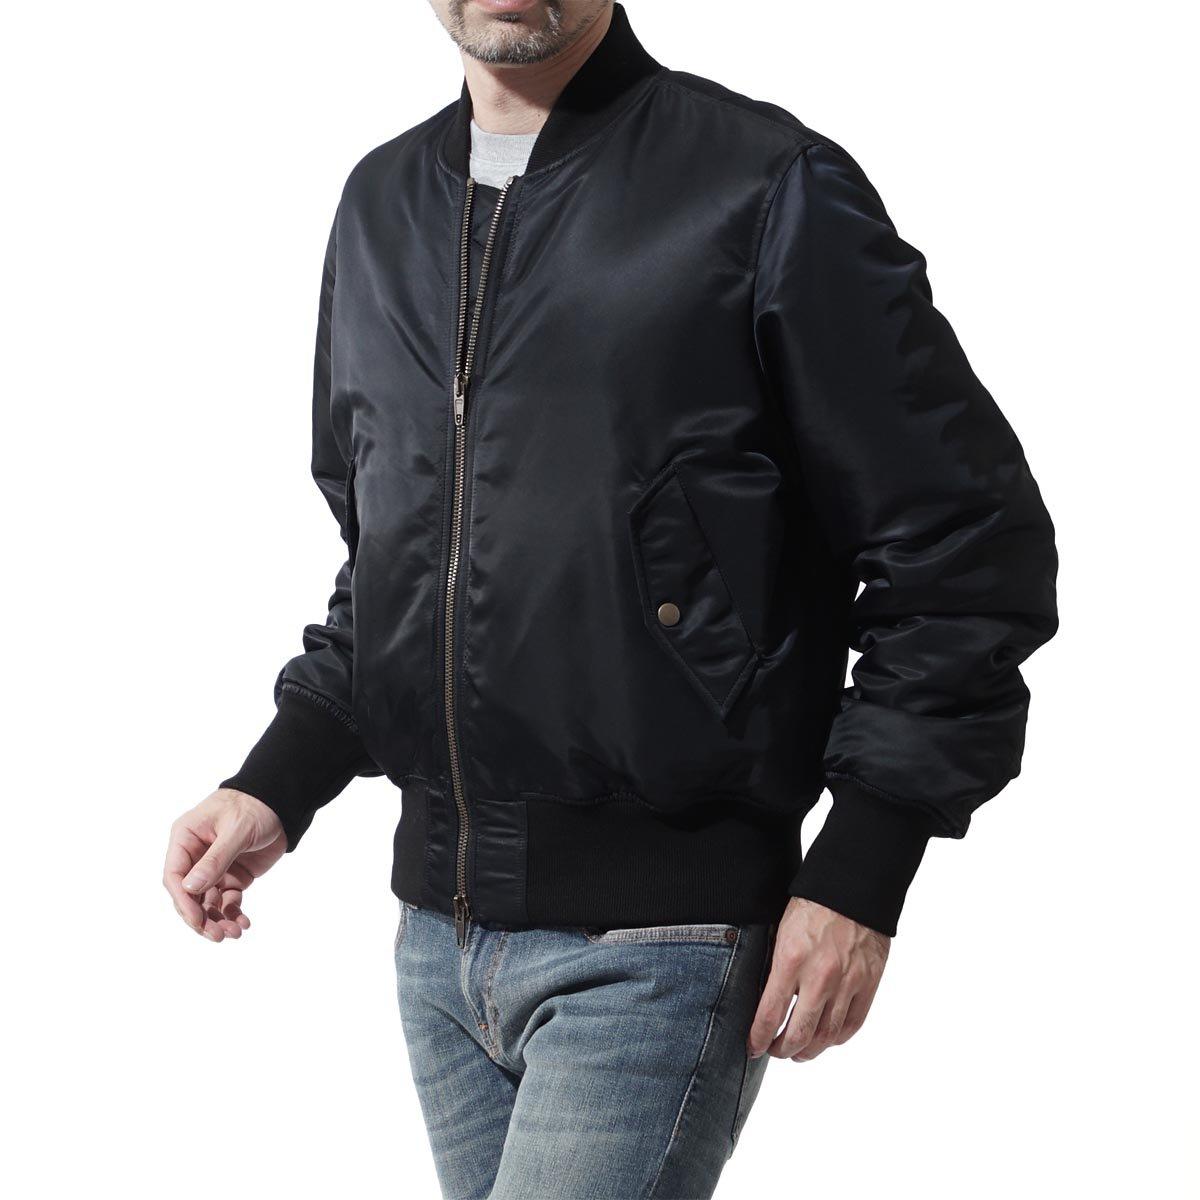 (バレンシアガ) BALENCIAGA 中綿入り ボンバージャケット [並行輸入品] B077XBPMT7  ブラック 48